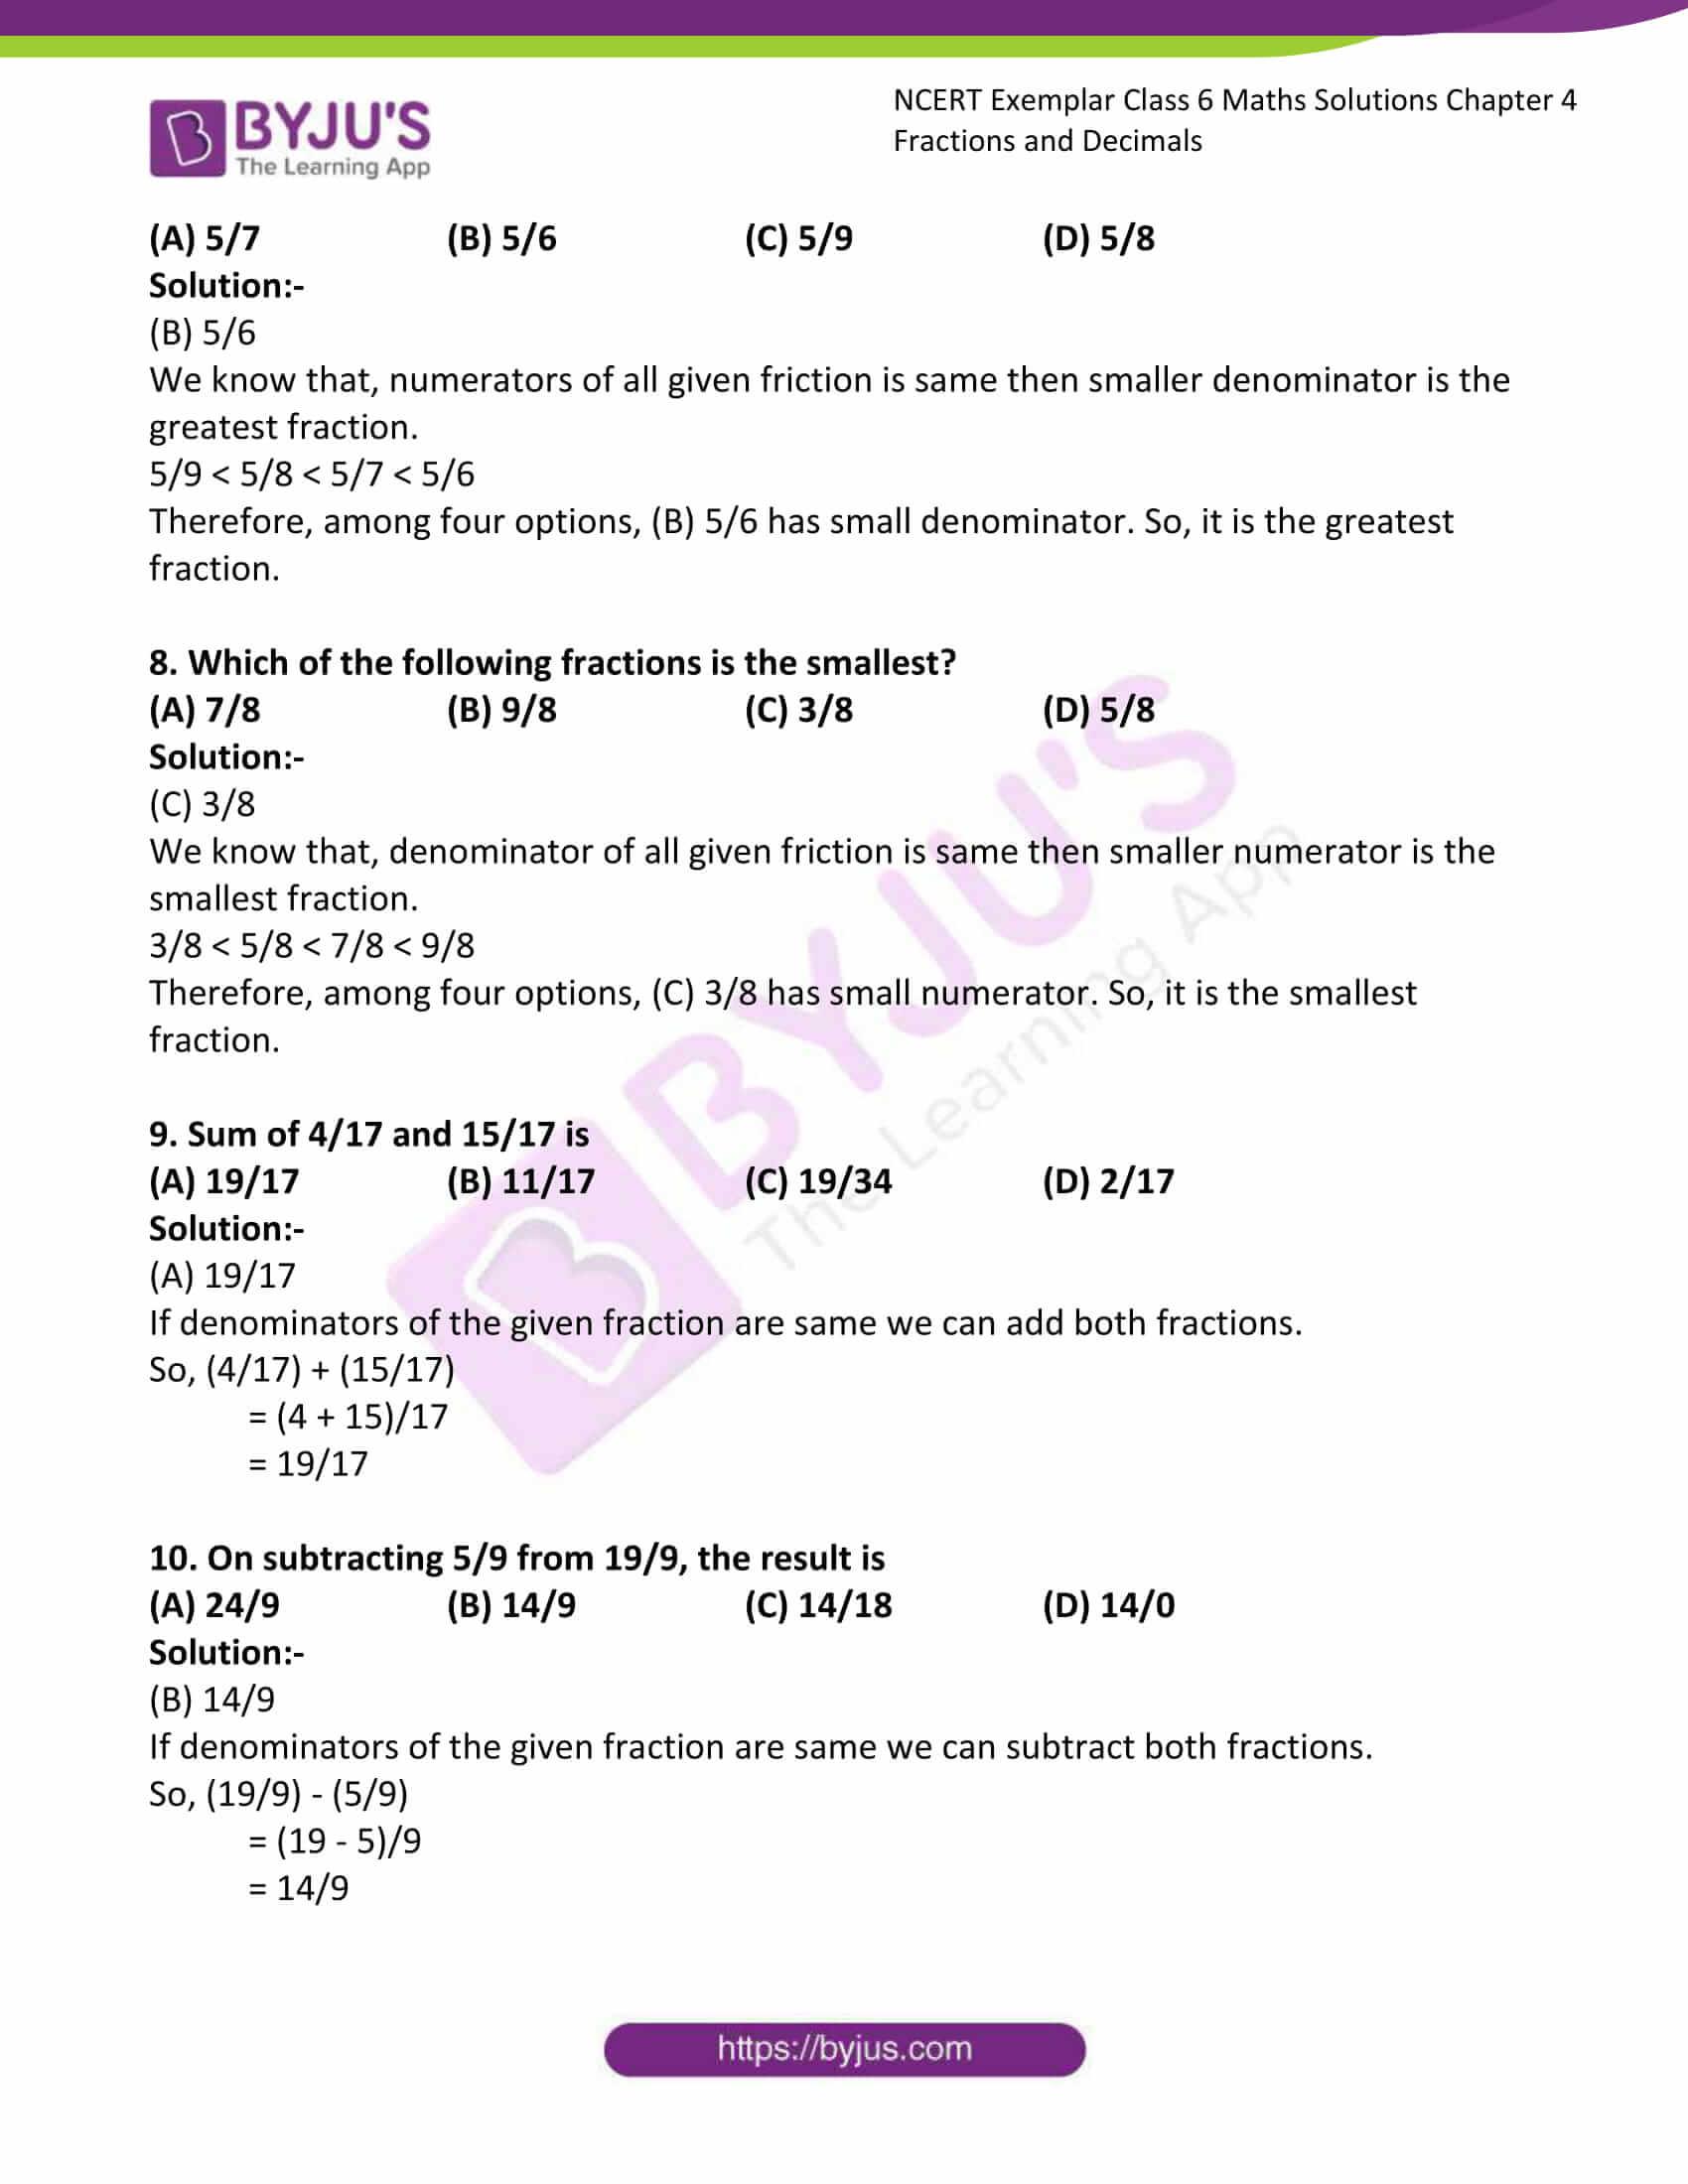 ncert exemplar class 6 maths sol ch 4 03